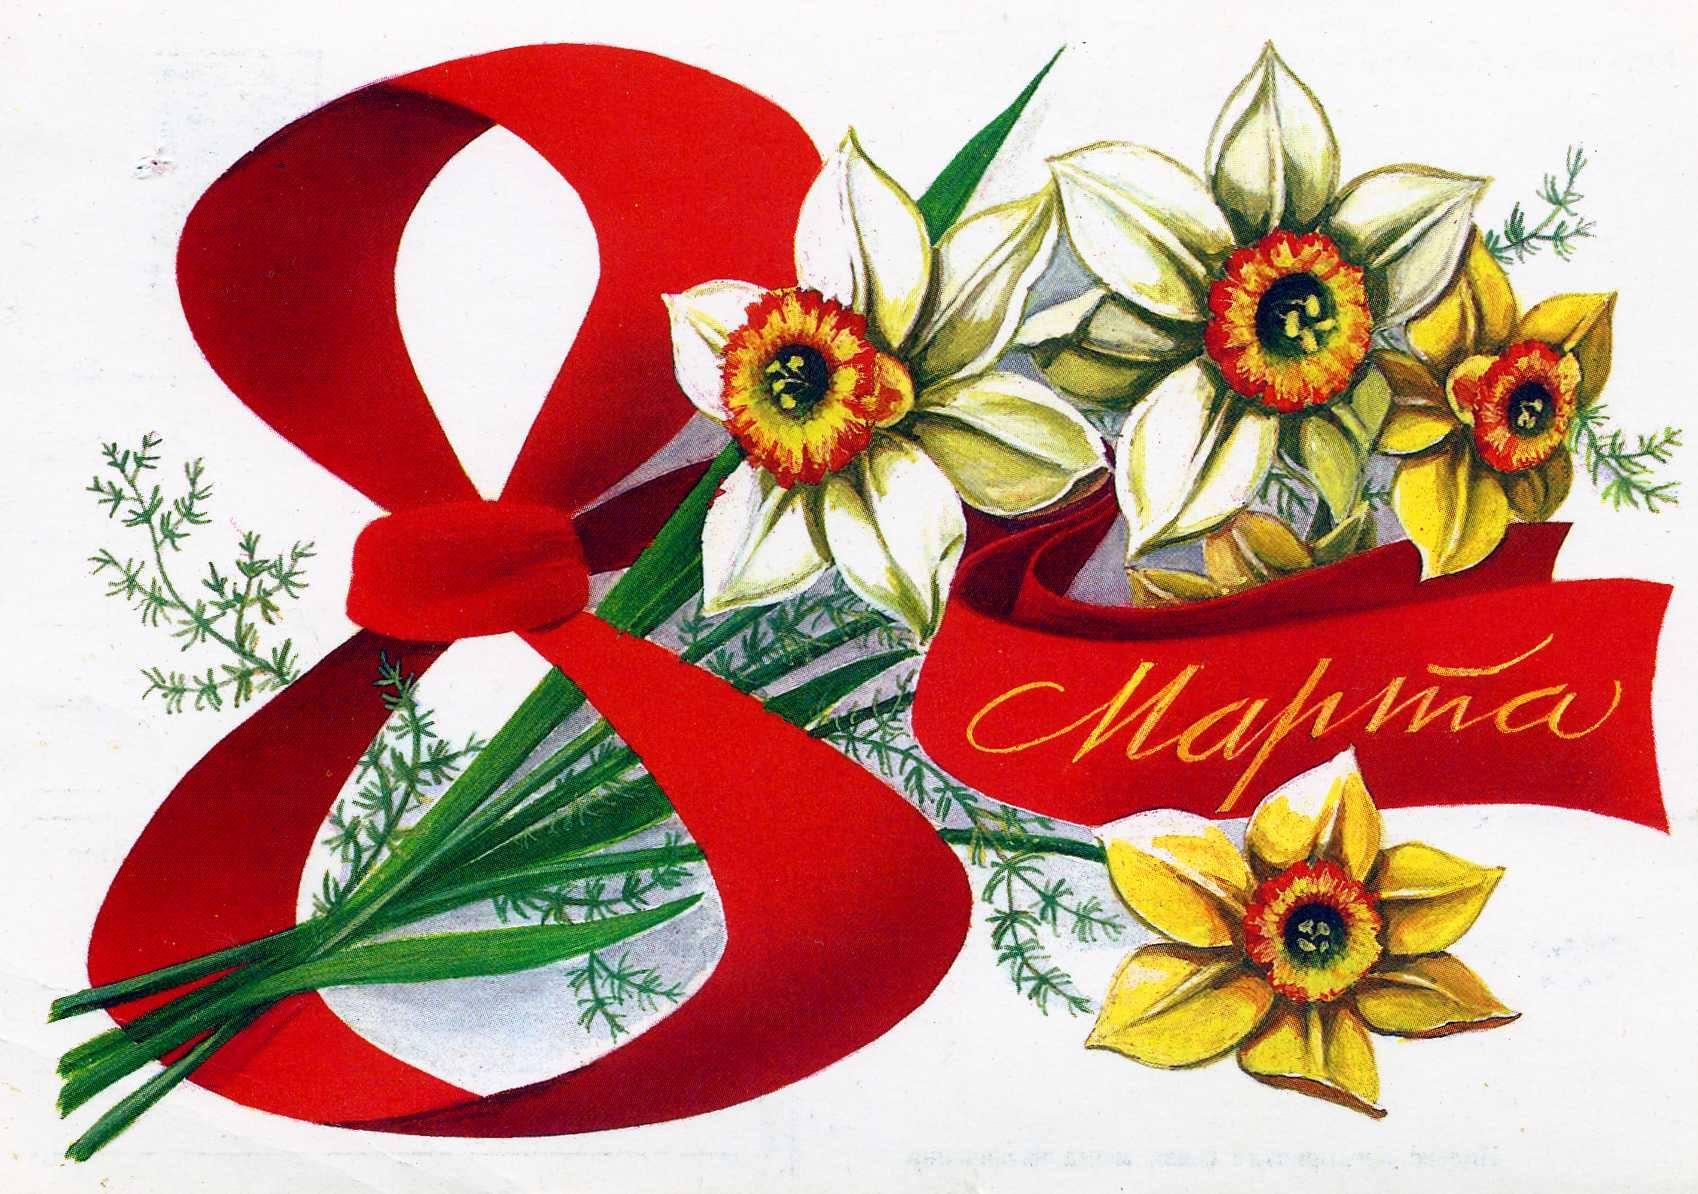 С 8 марта играющие открытки